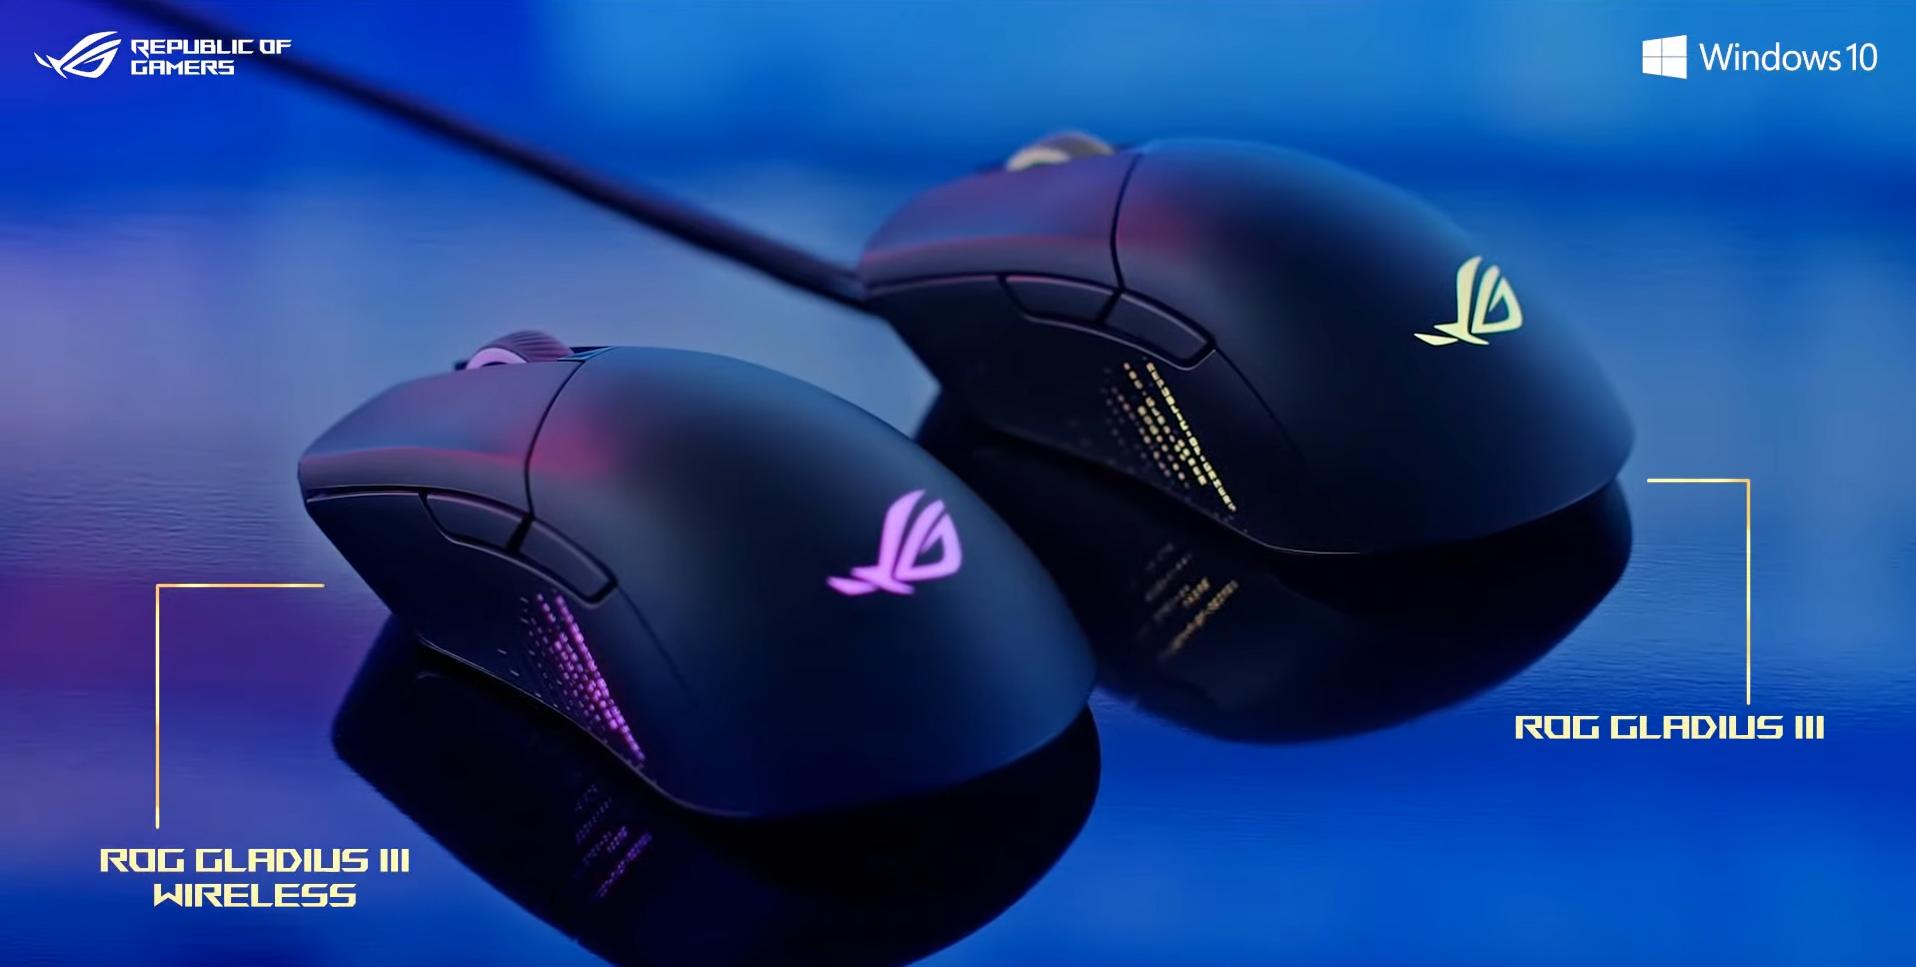 Giới thiệu Chuột không dây Asus ROG Gladius III Wireless (USB/RGB/màu đen)